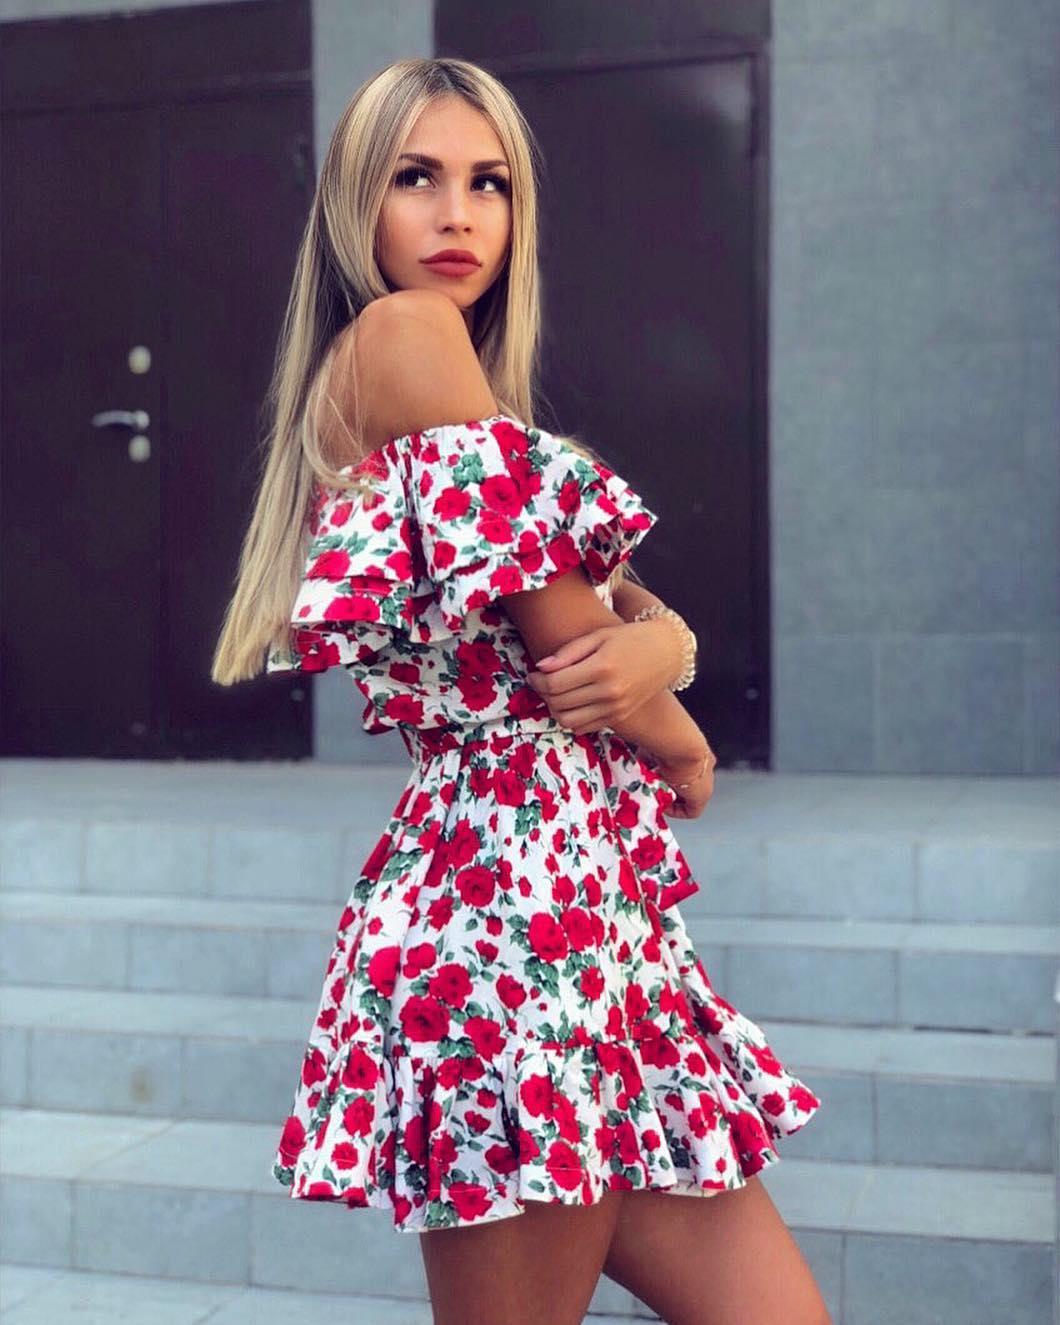 Natasha jmacedox